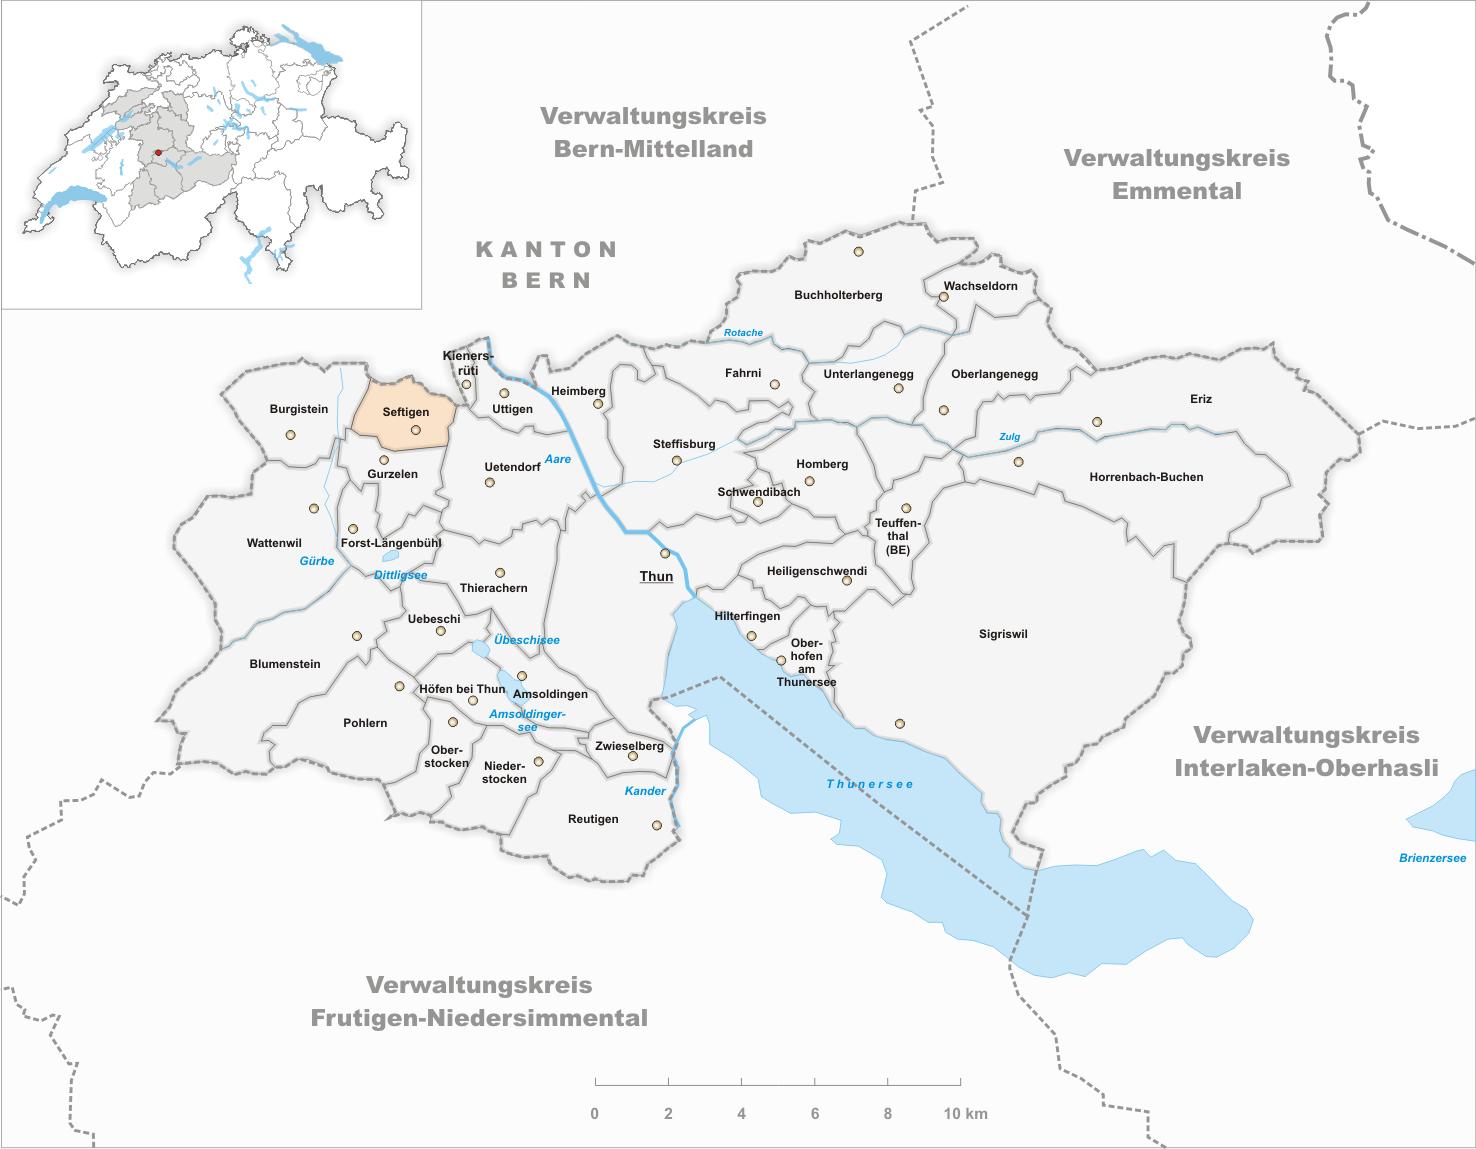 Stammtisch - Mittelalterverein Bern